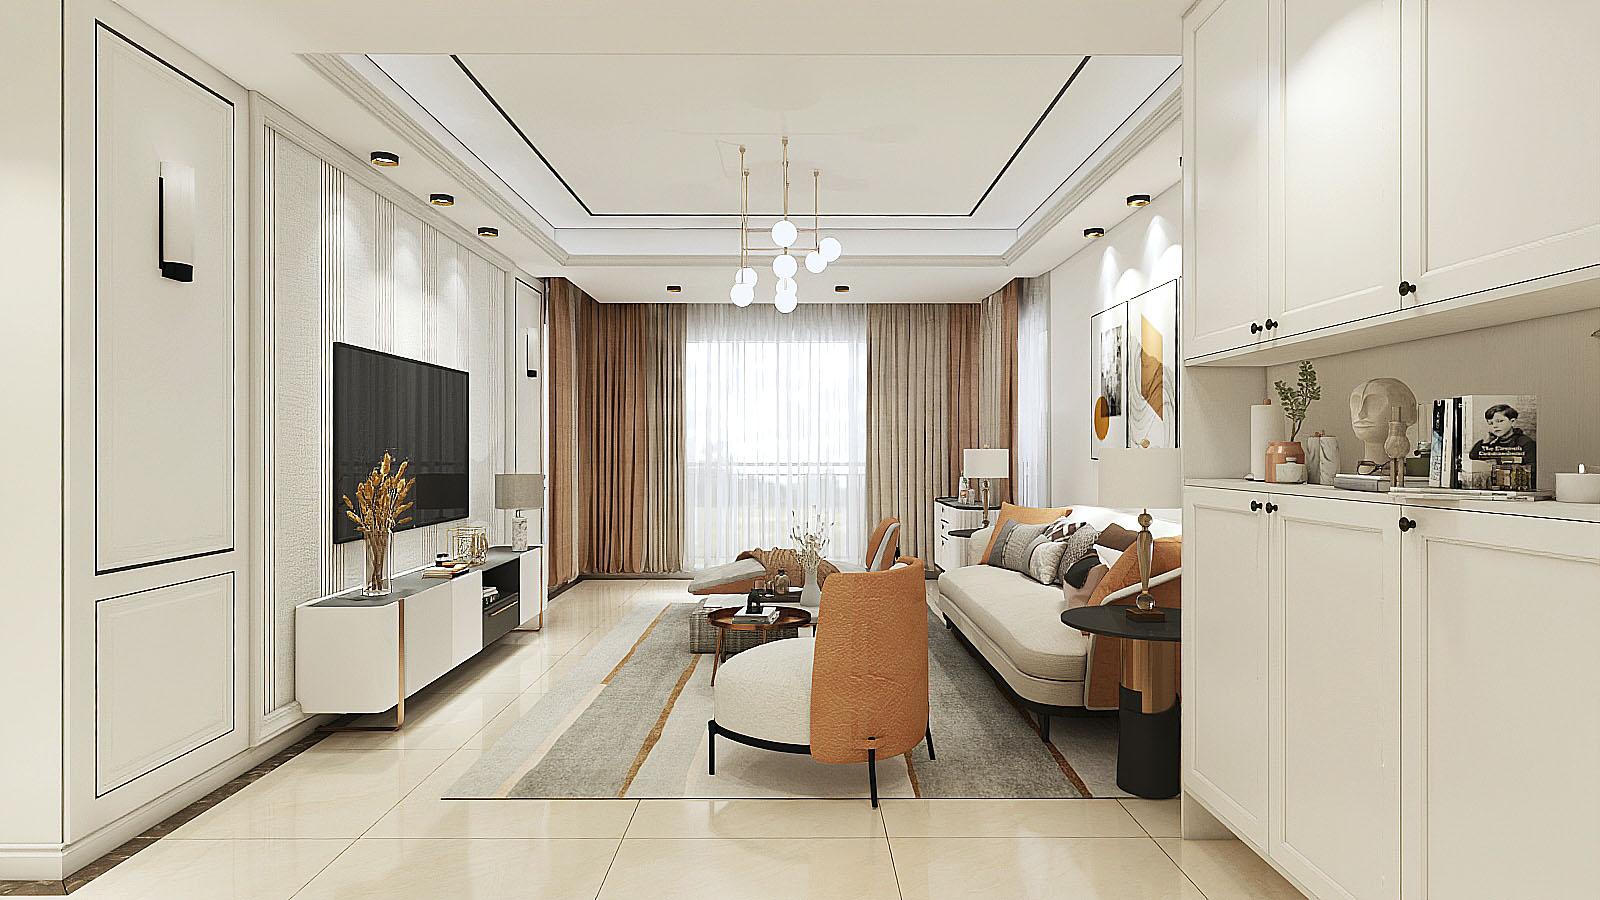 装饰工程家装室内设计公装设计自建房设计效果图设计方案施工图